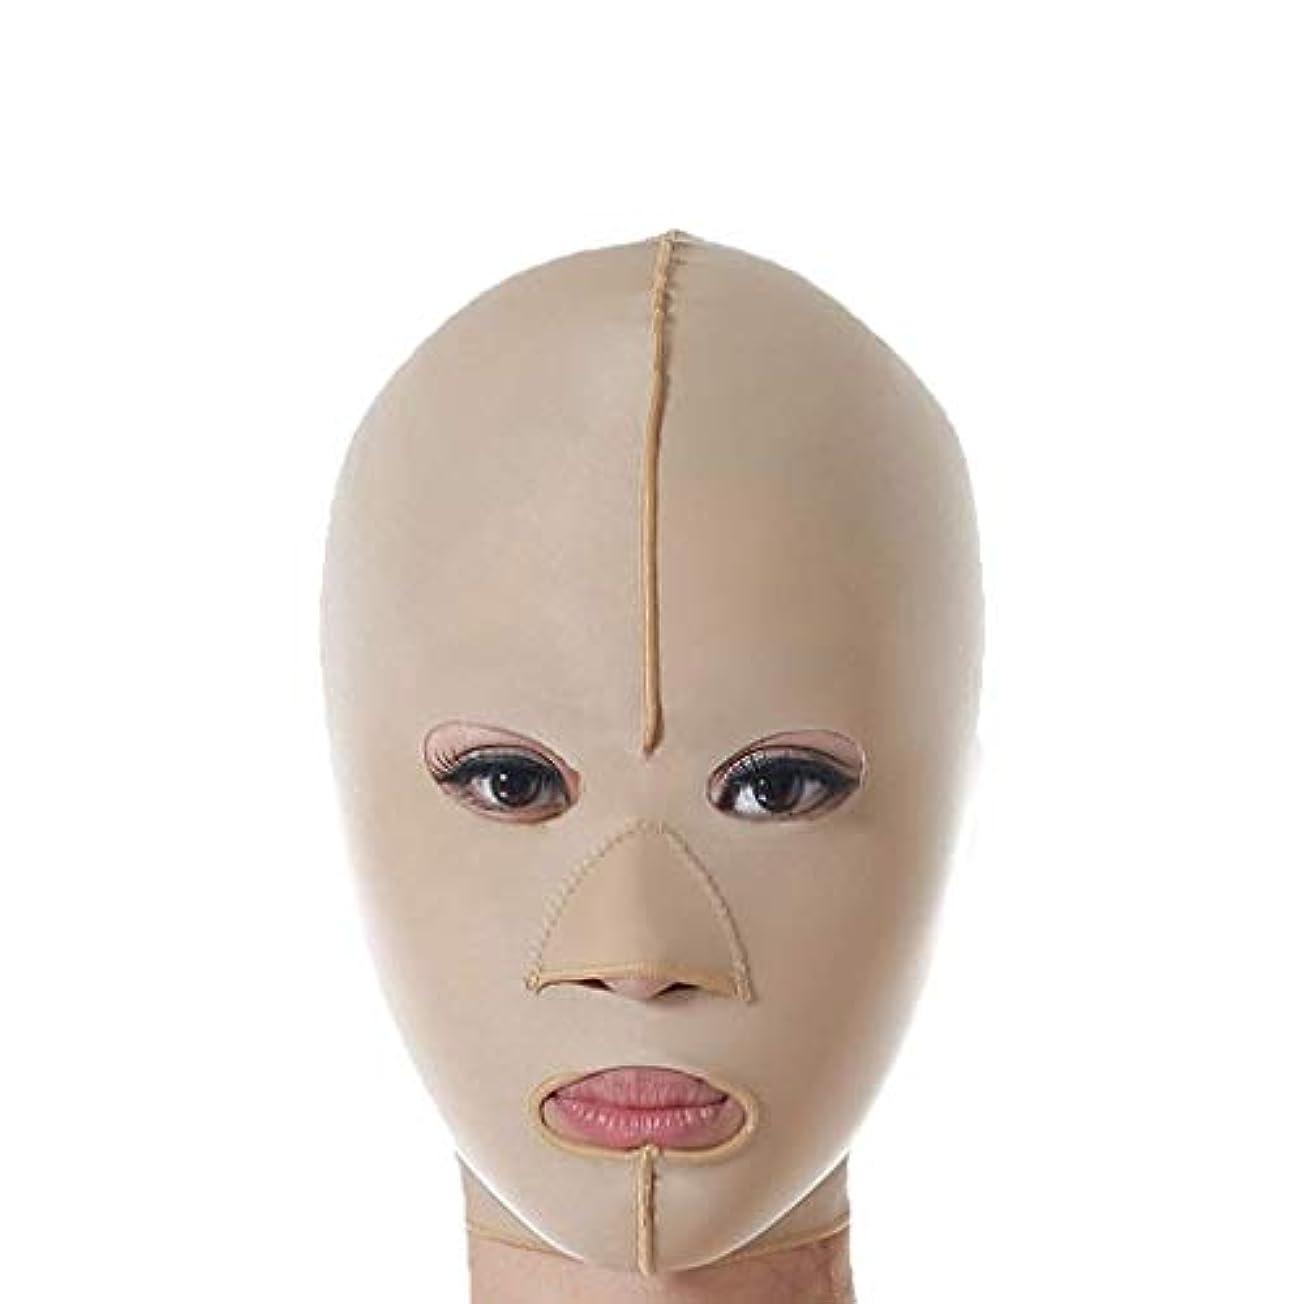 サバント同僚許可減量フェイスマスク、リフティング包帯、スリムフェイスリフトリフティングベルト、フェイシャル減量リフティング包帯、リフティングファーミング包帯(サイズ:XL),M